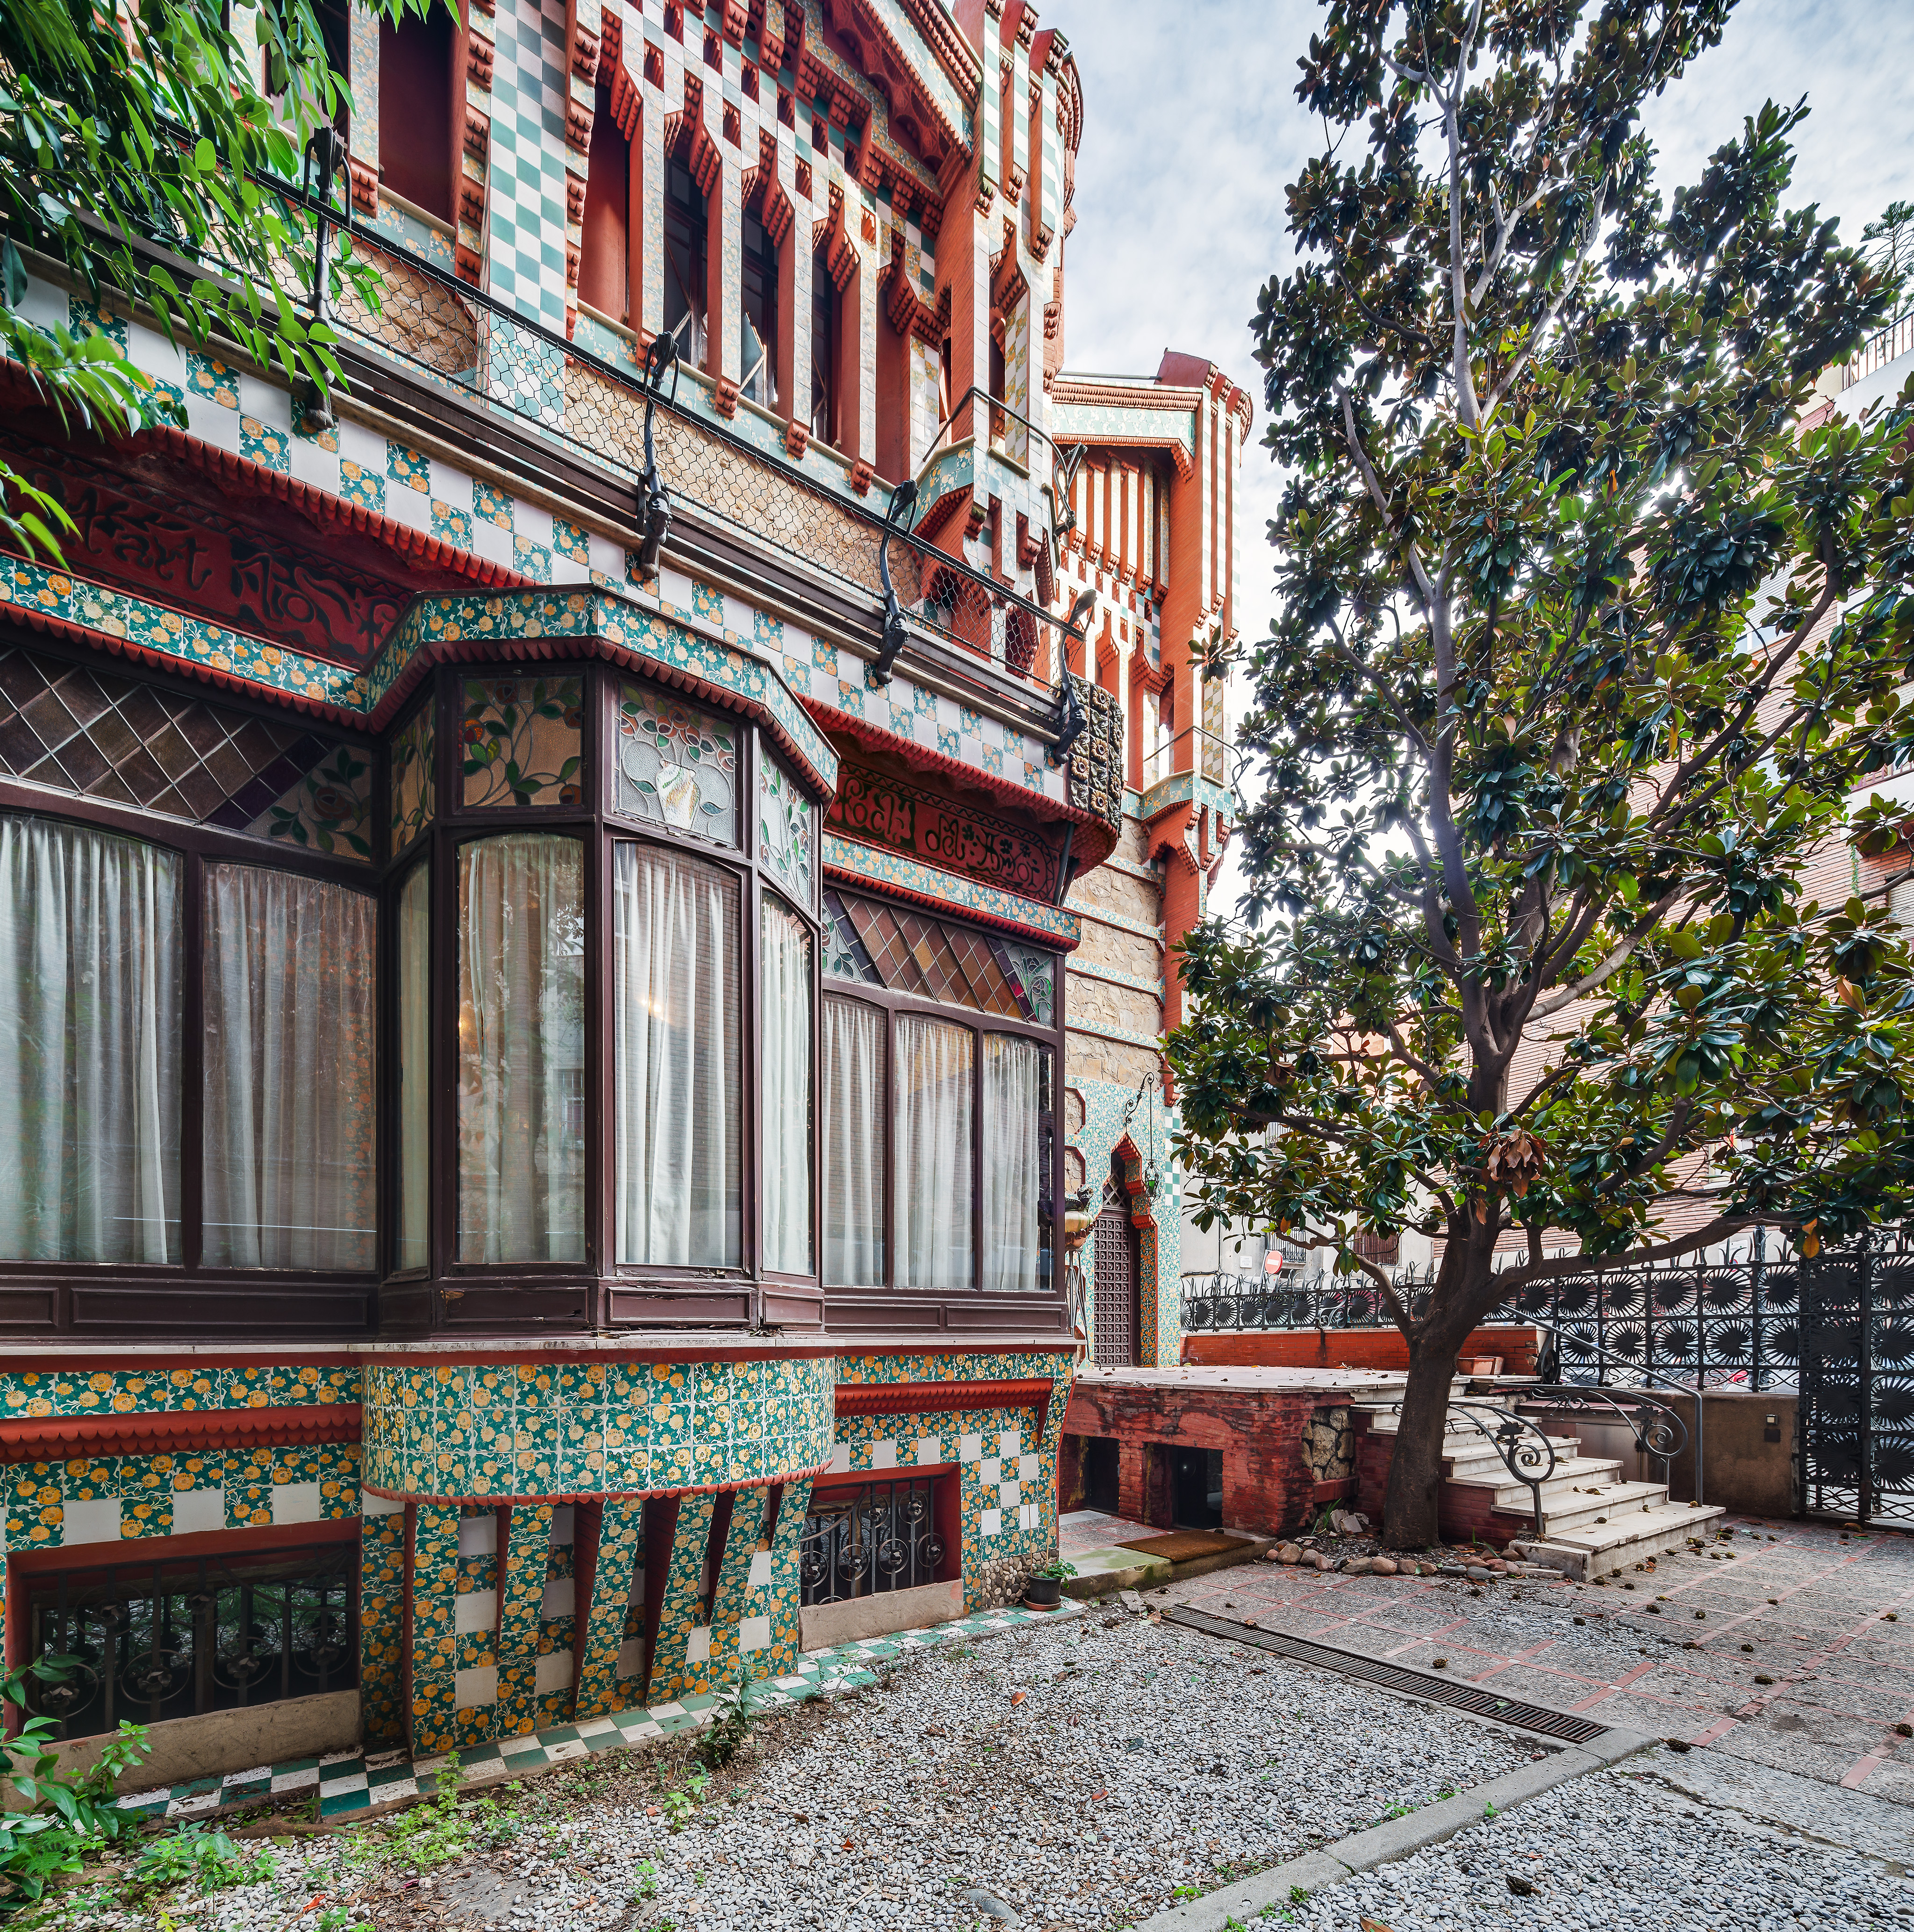 Casa Vicens - Morabanc